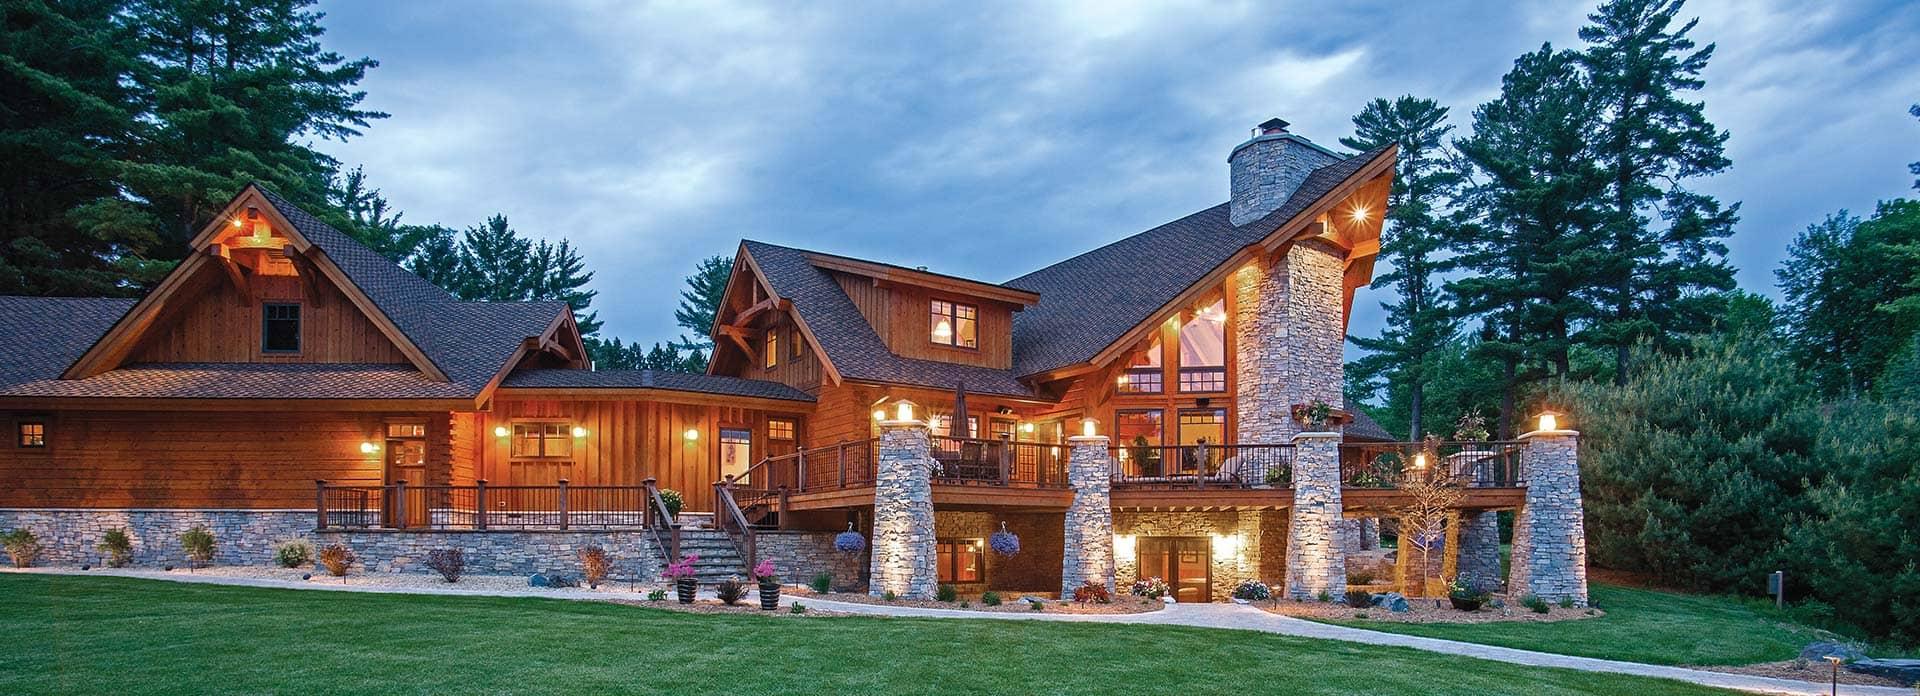 Hybrid Log & Timber Frame Homes PrecisionCraft